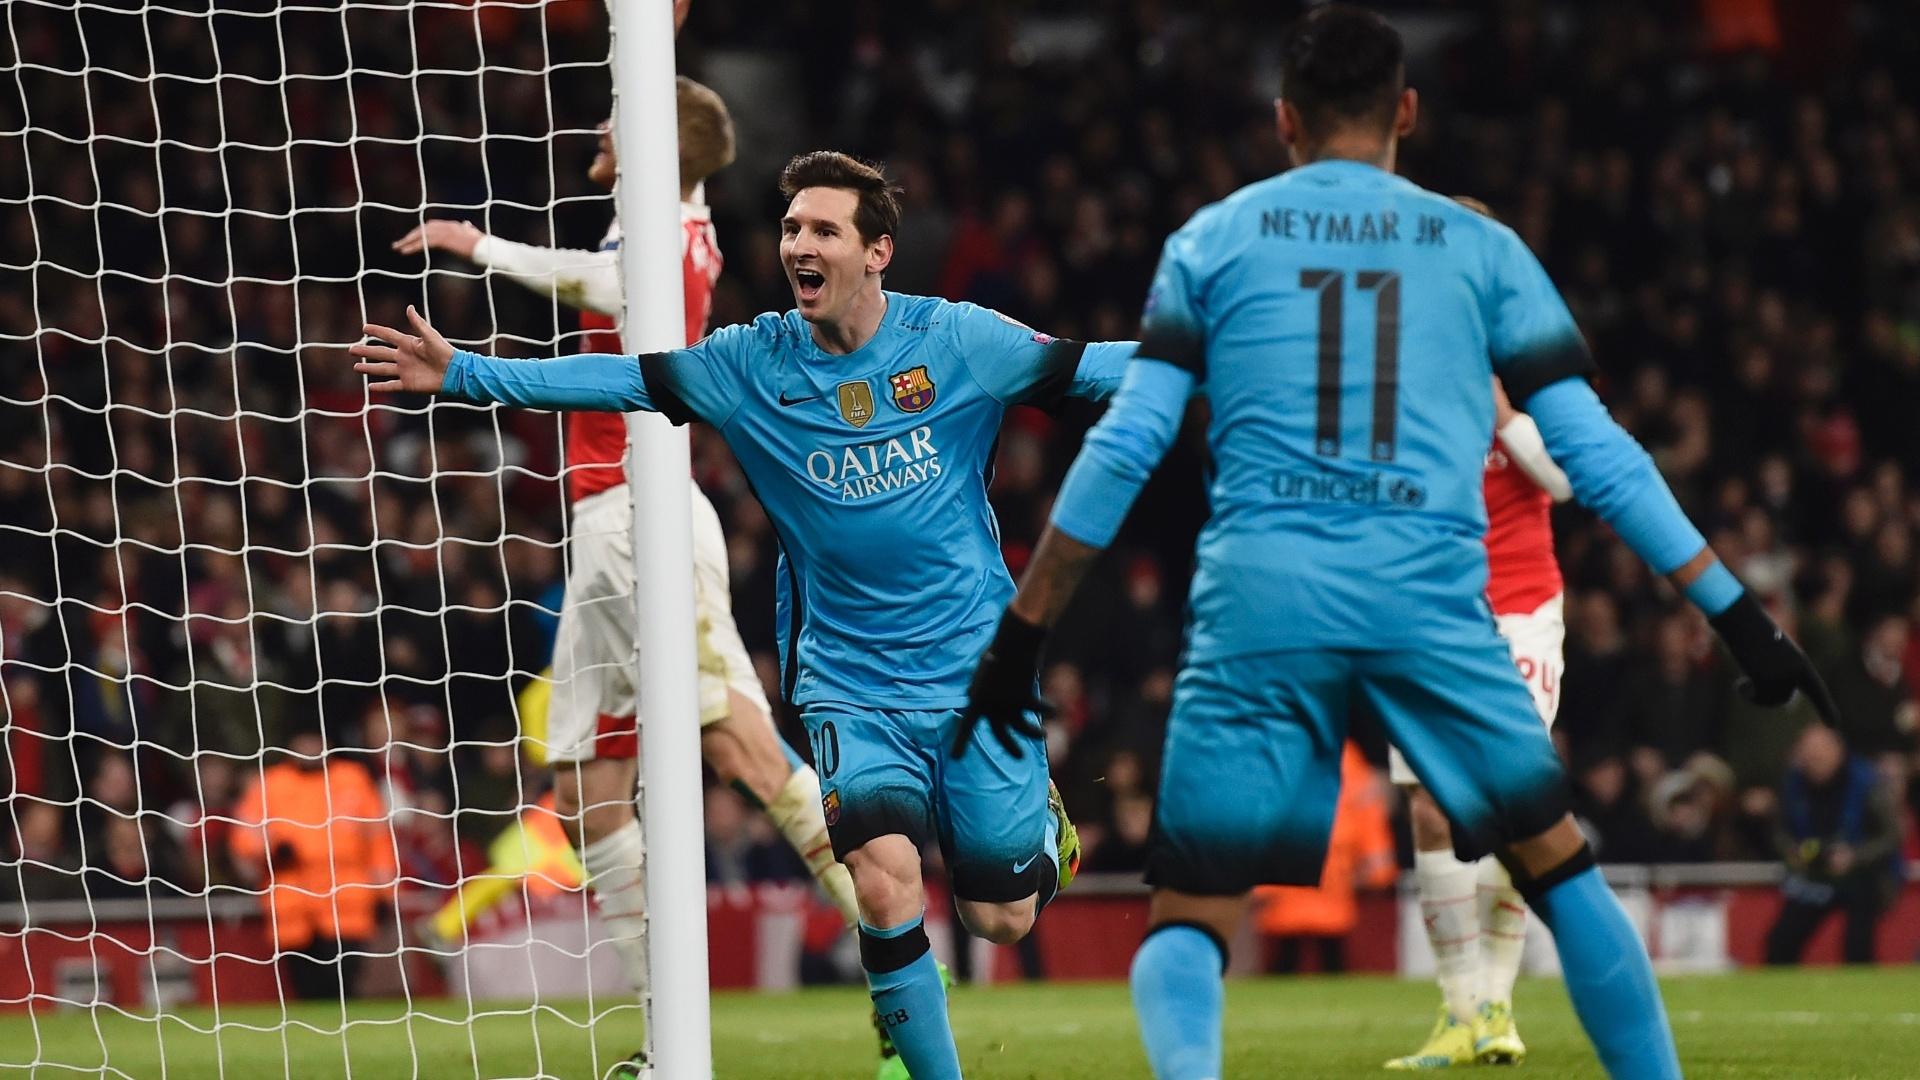 Messi comemora gol na partida entre Arsenal e Barcelona pela Liga dos Campeões